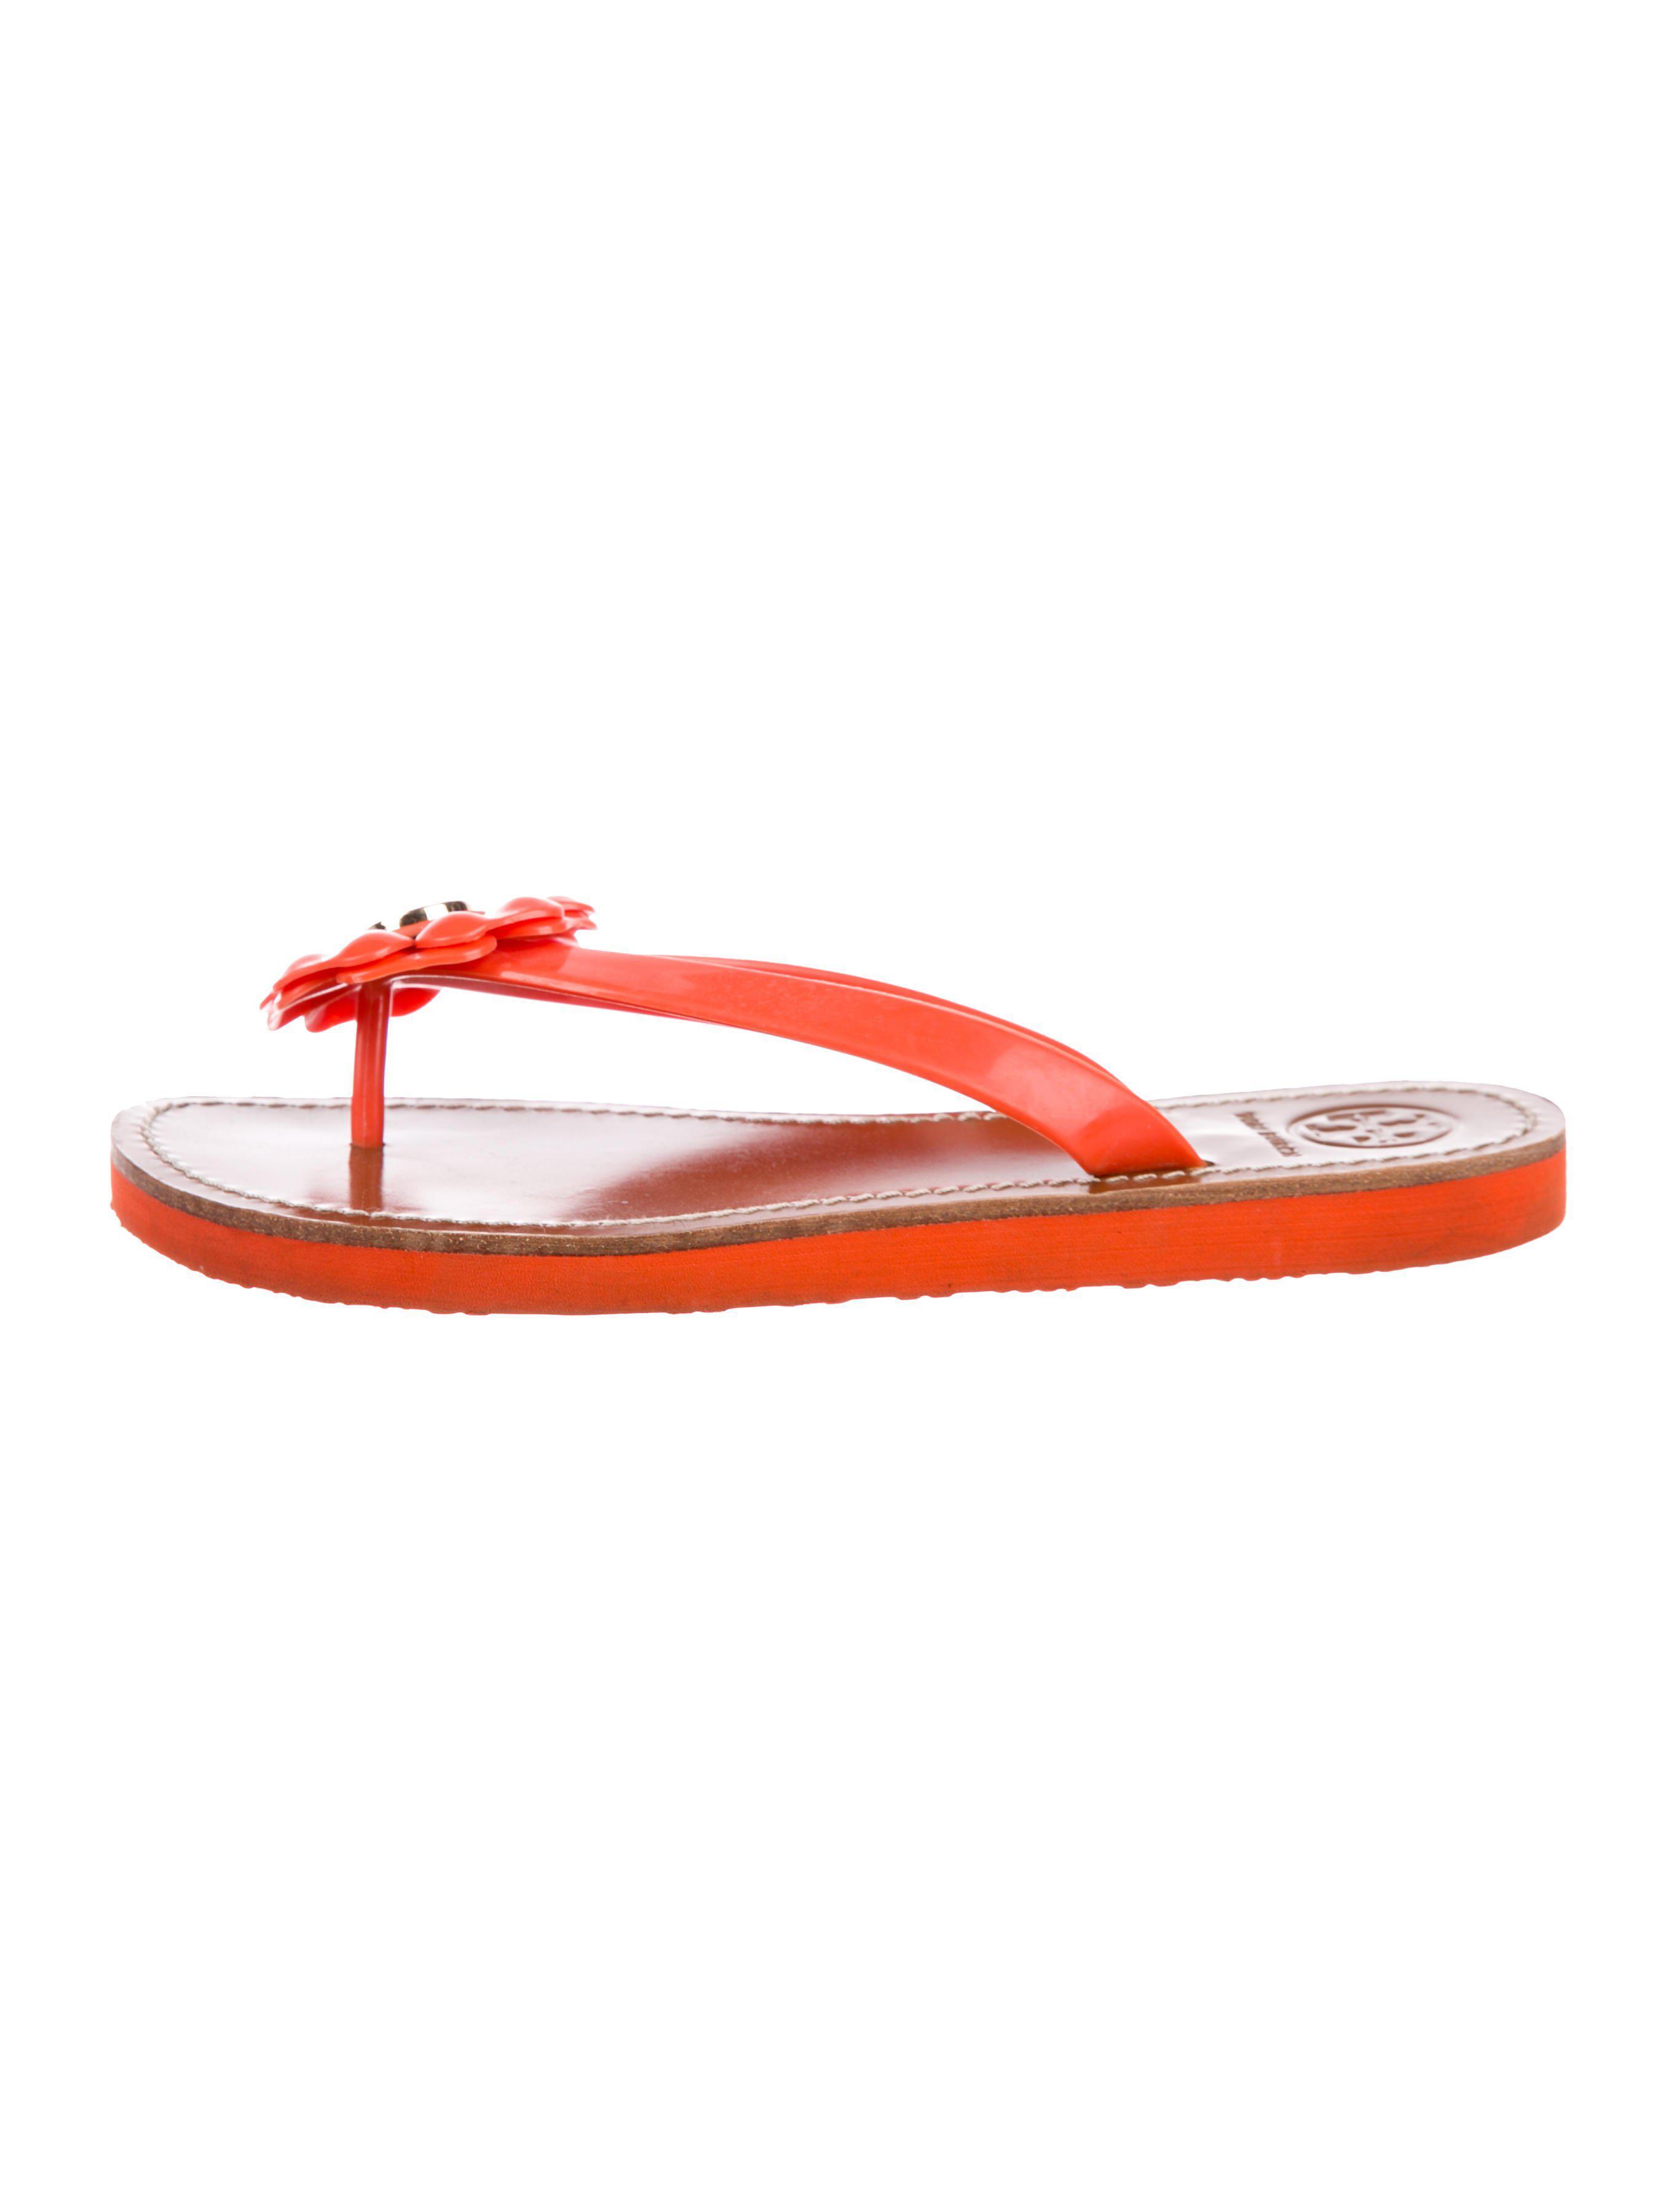 80a2ca913d27 Lyst - Tory Burch Adalia Thong Sandals Orange in Metallic